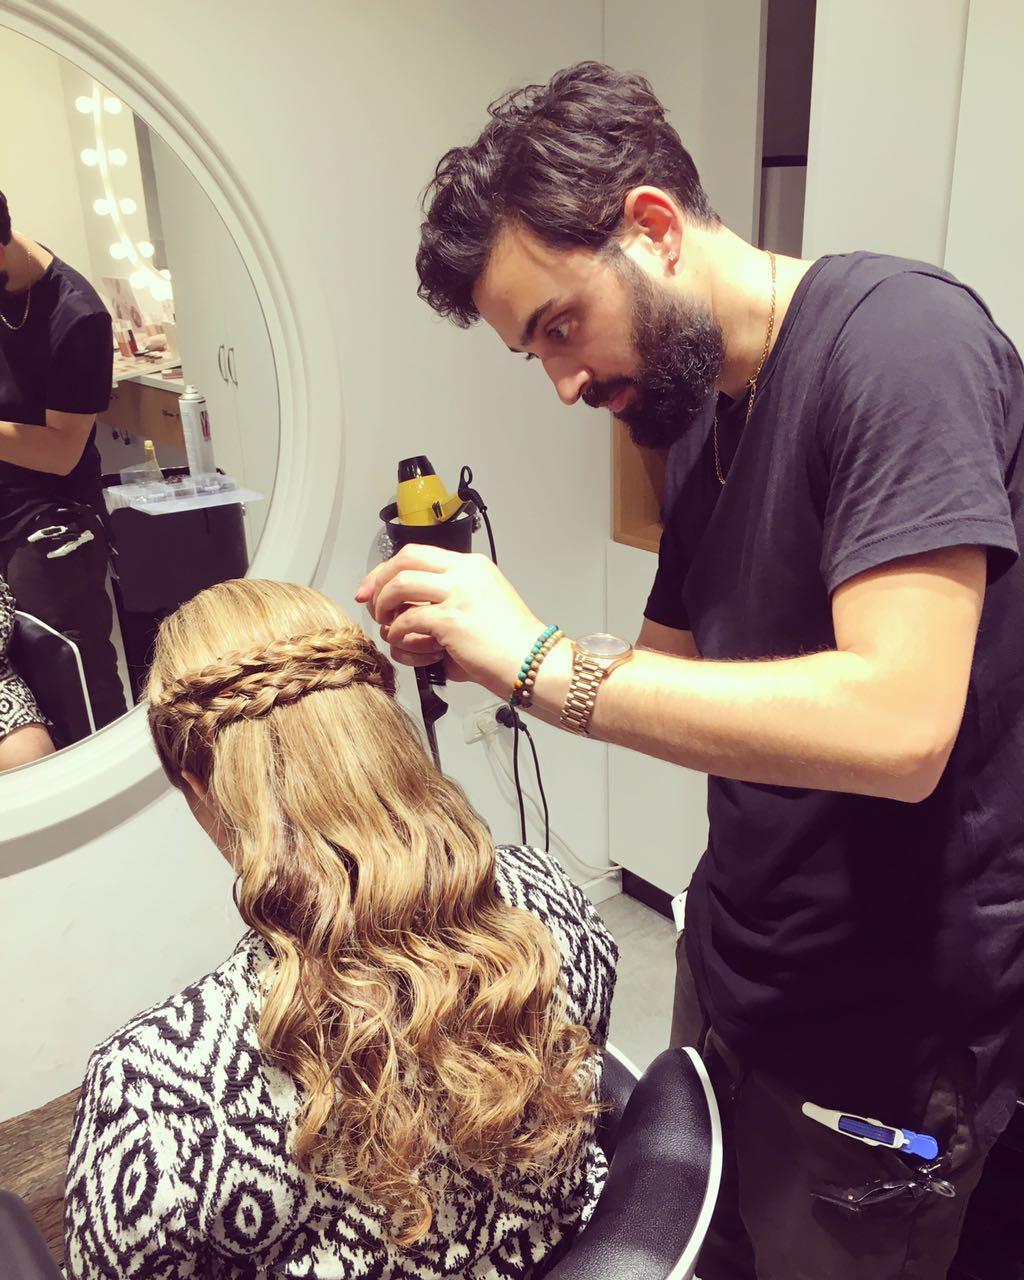 מעצב השיער עידו לוי חוגג שנה